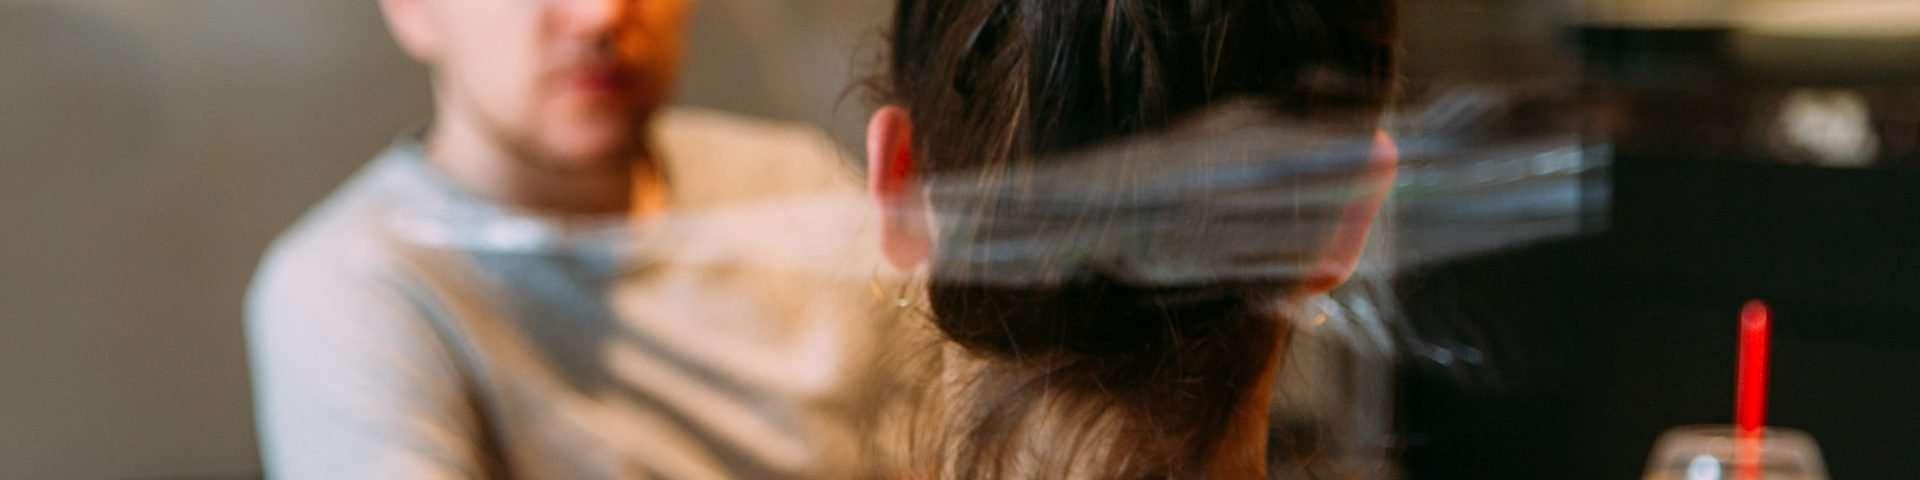 5 Wichtige Dinge, die du über jemanden wissen solltest, bevor du dich mit ihm verabredest